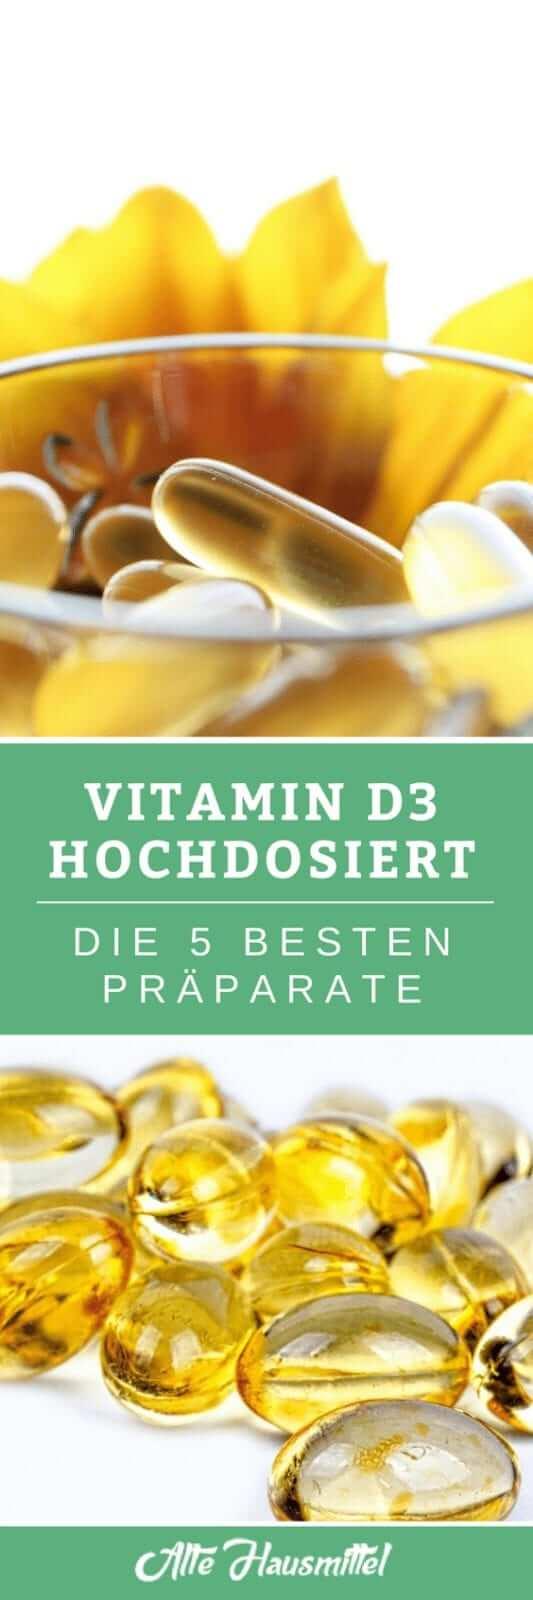 Das beste hochdosierte Vitamin D3 im Test & Vergleich